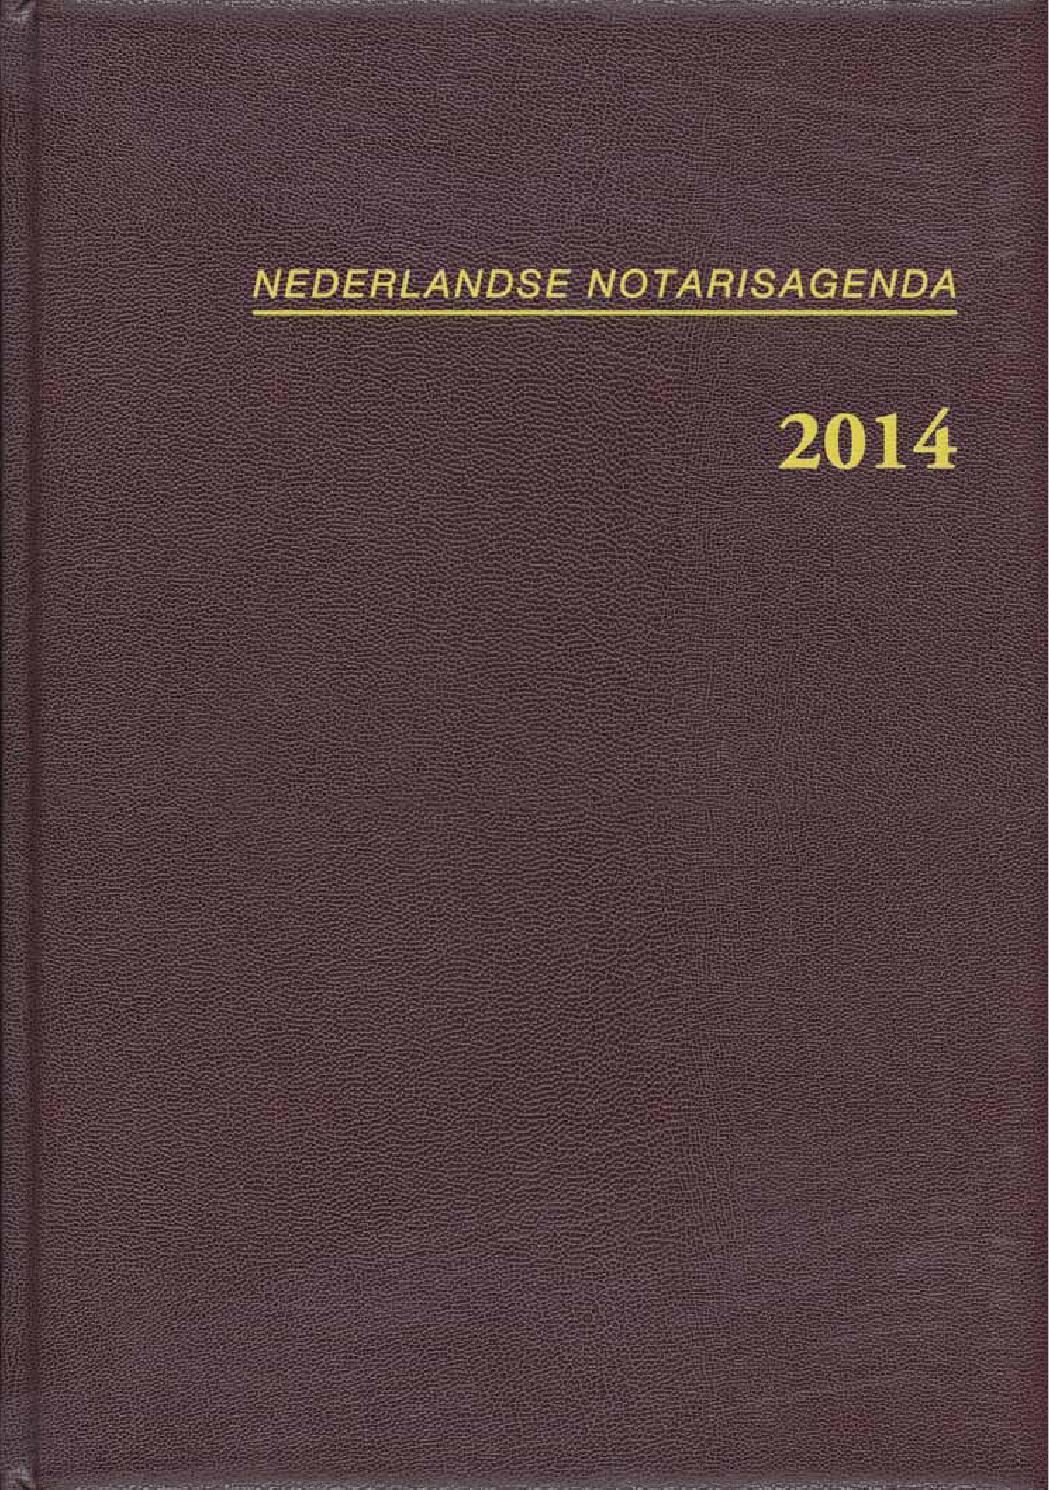 Notaris agenda 2014 by Louwers Uitgeversorganisatie BV - issuu